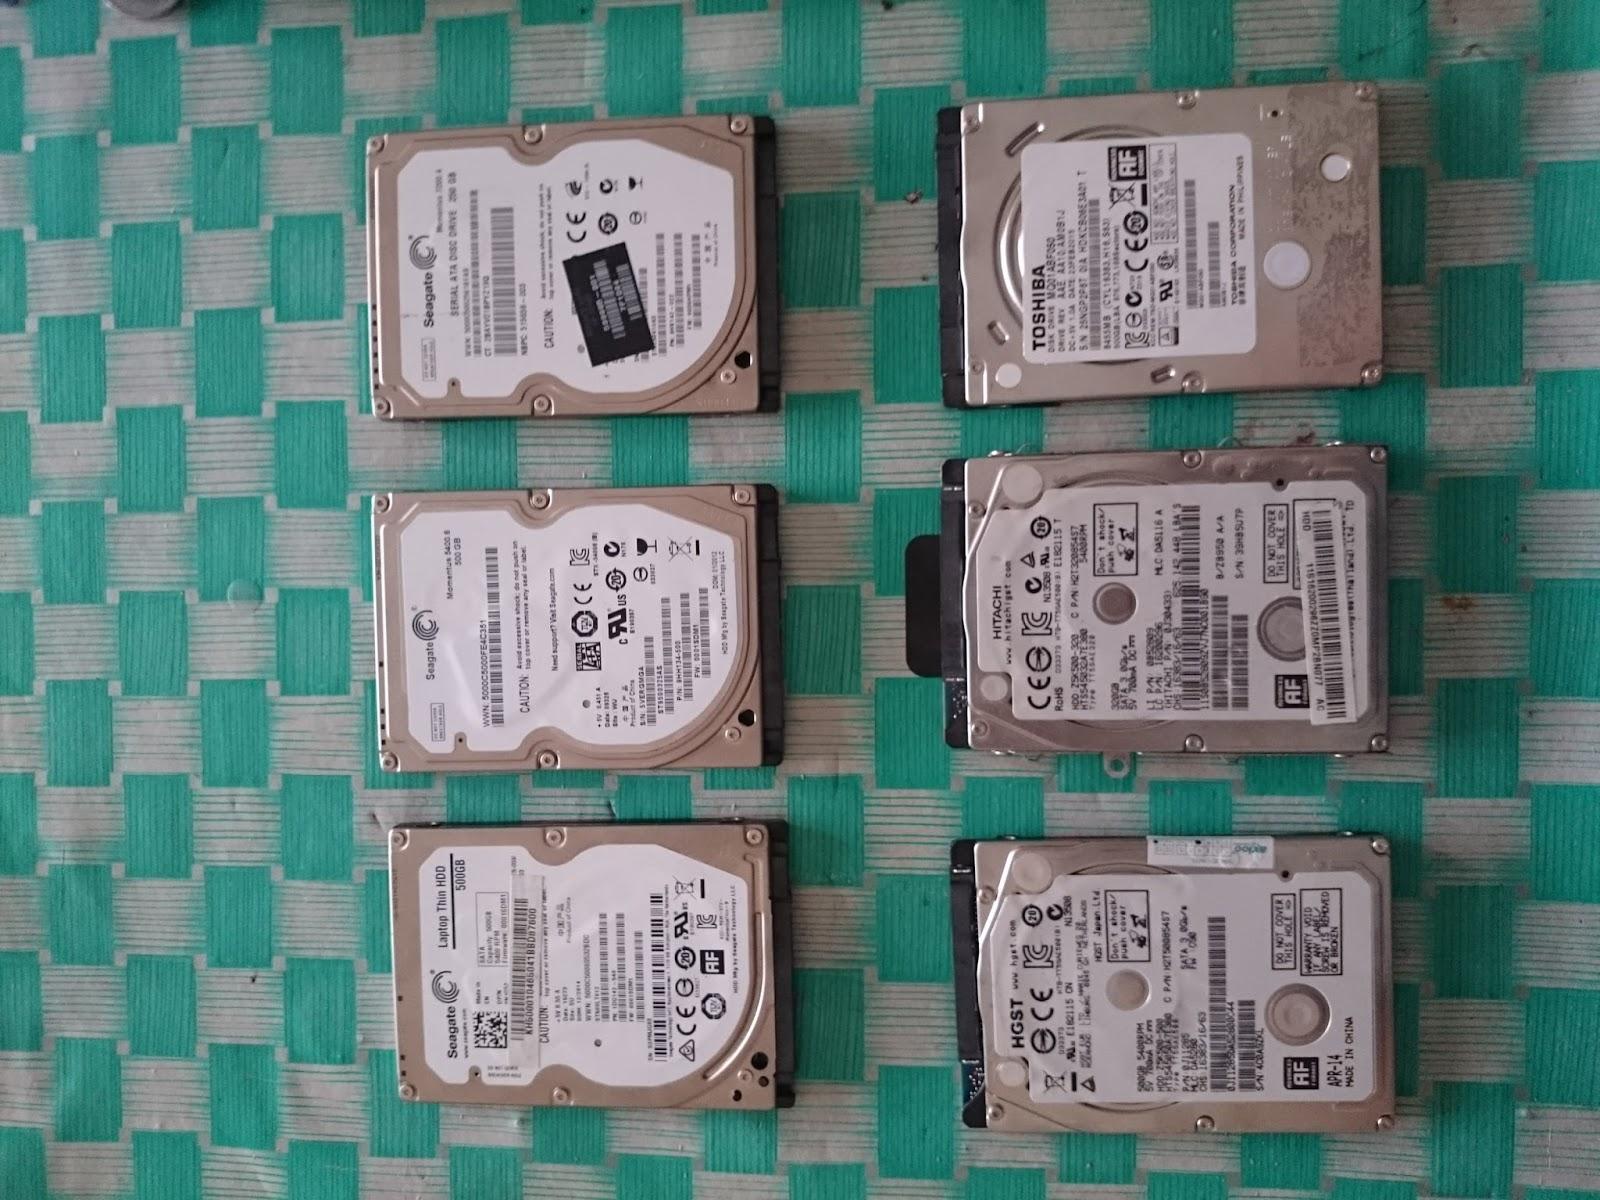 Toshiba 1000Gb 1Tb Baru Seagate 500 Gb Bekas 250 Hitachi 320 HGST Harga Hardisk Rp 700000 1 Tb